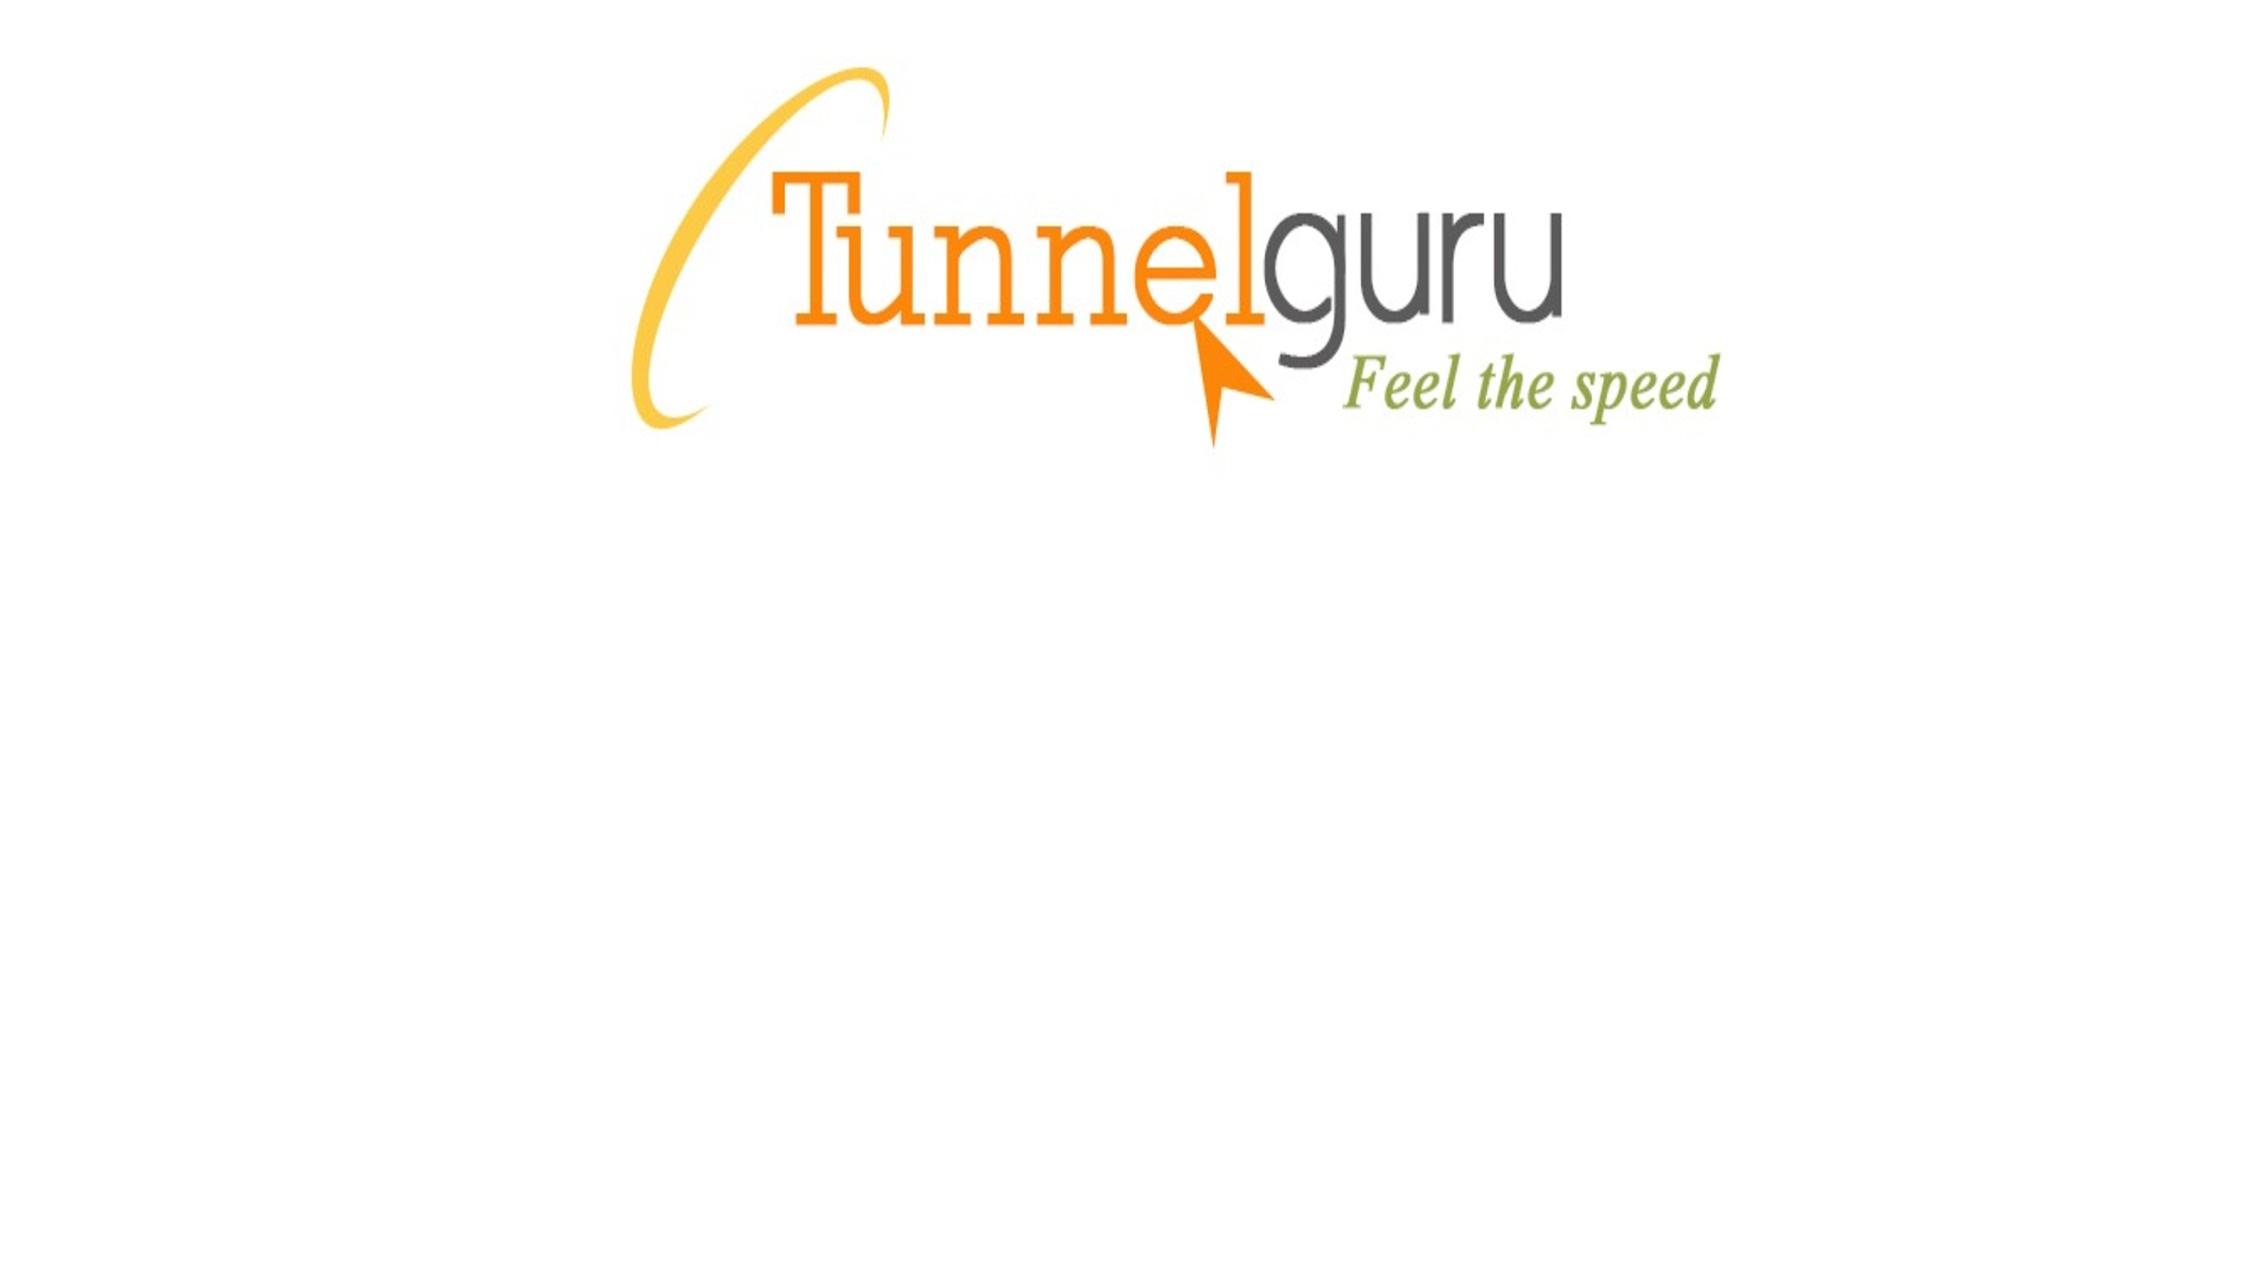 TunnelGuru